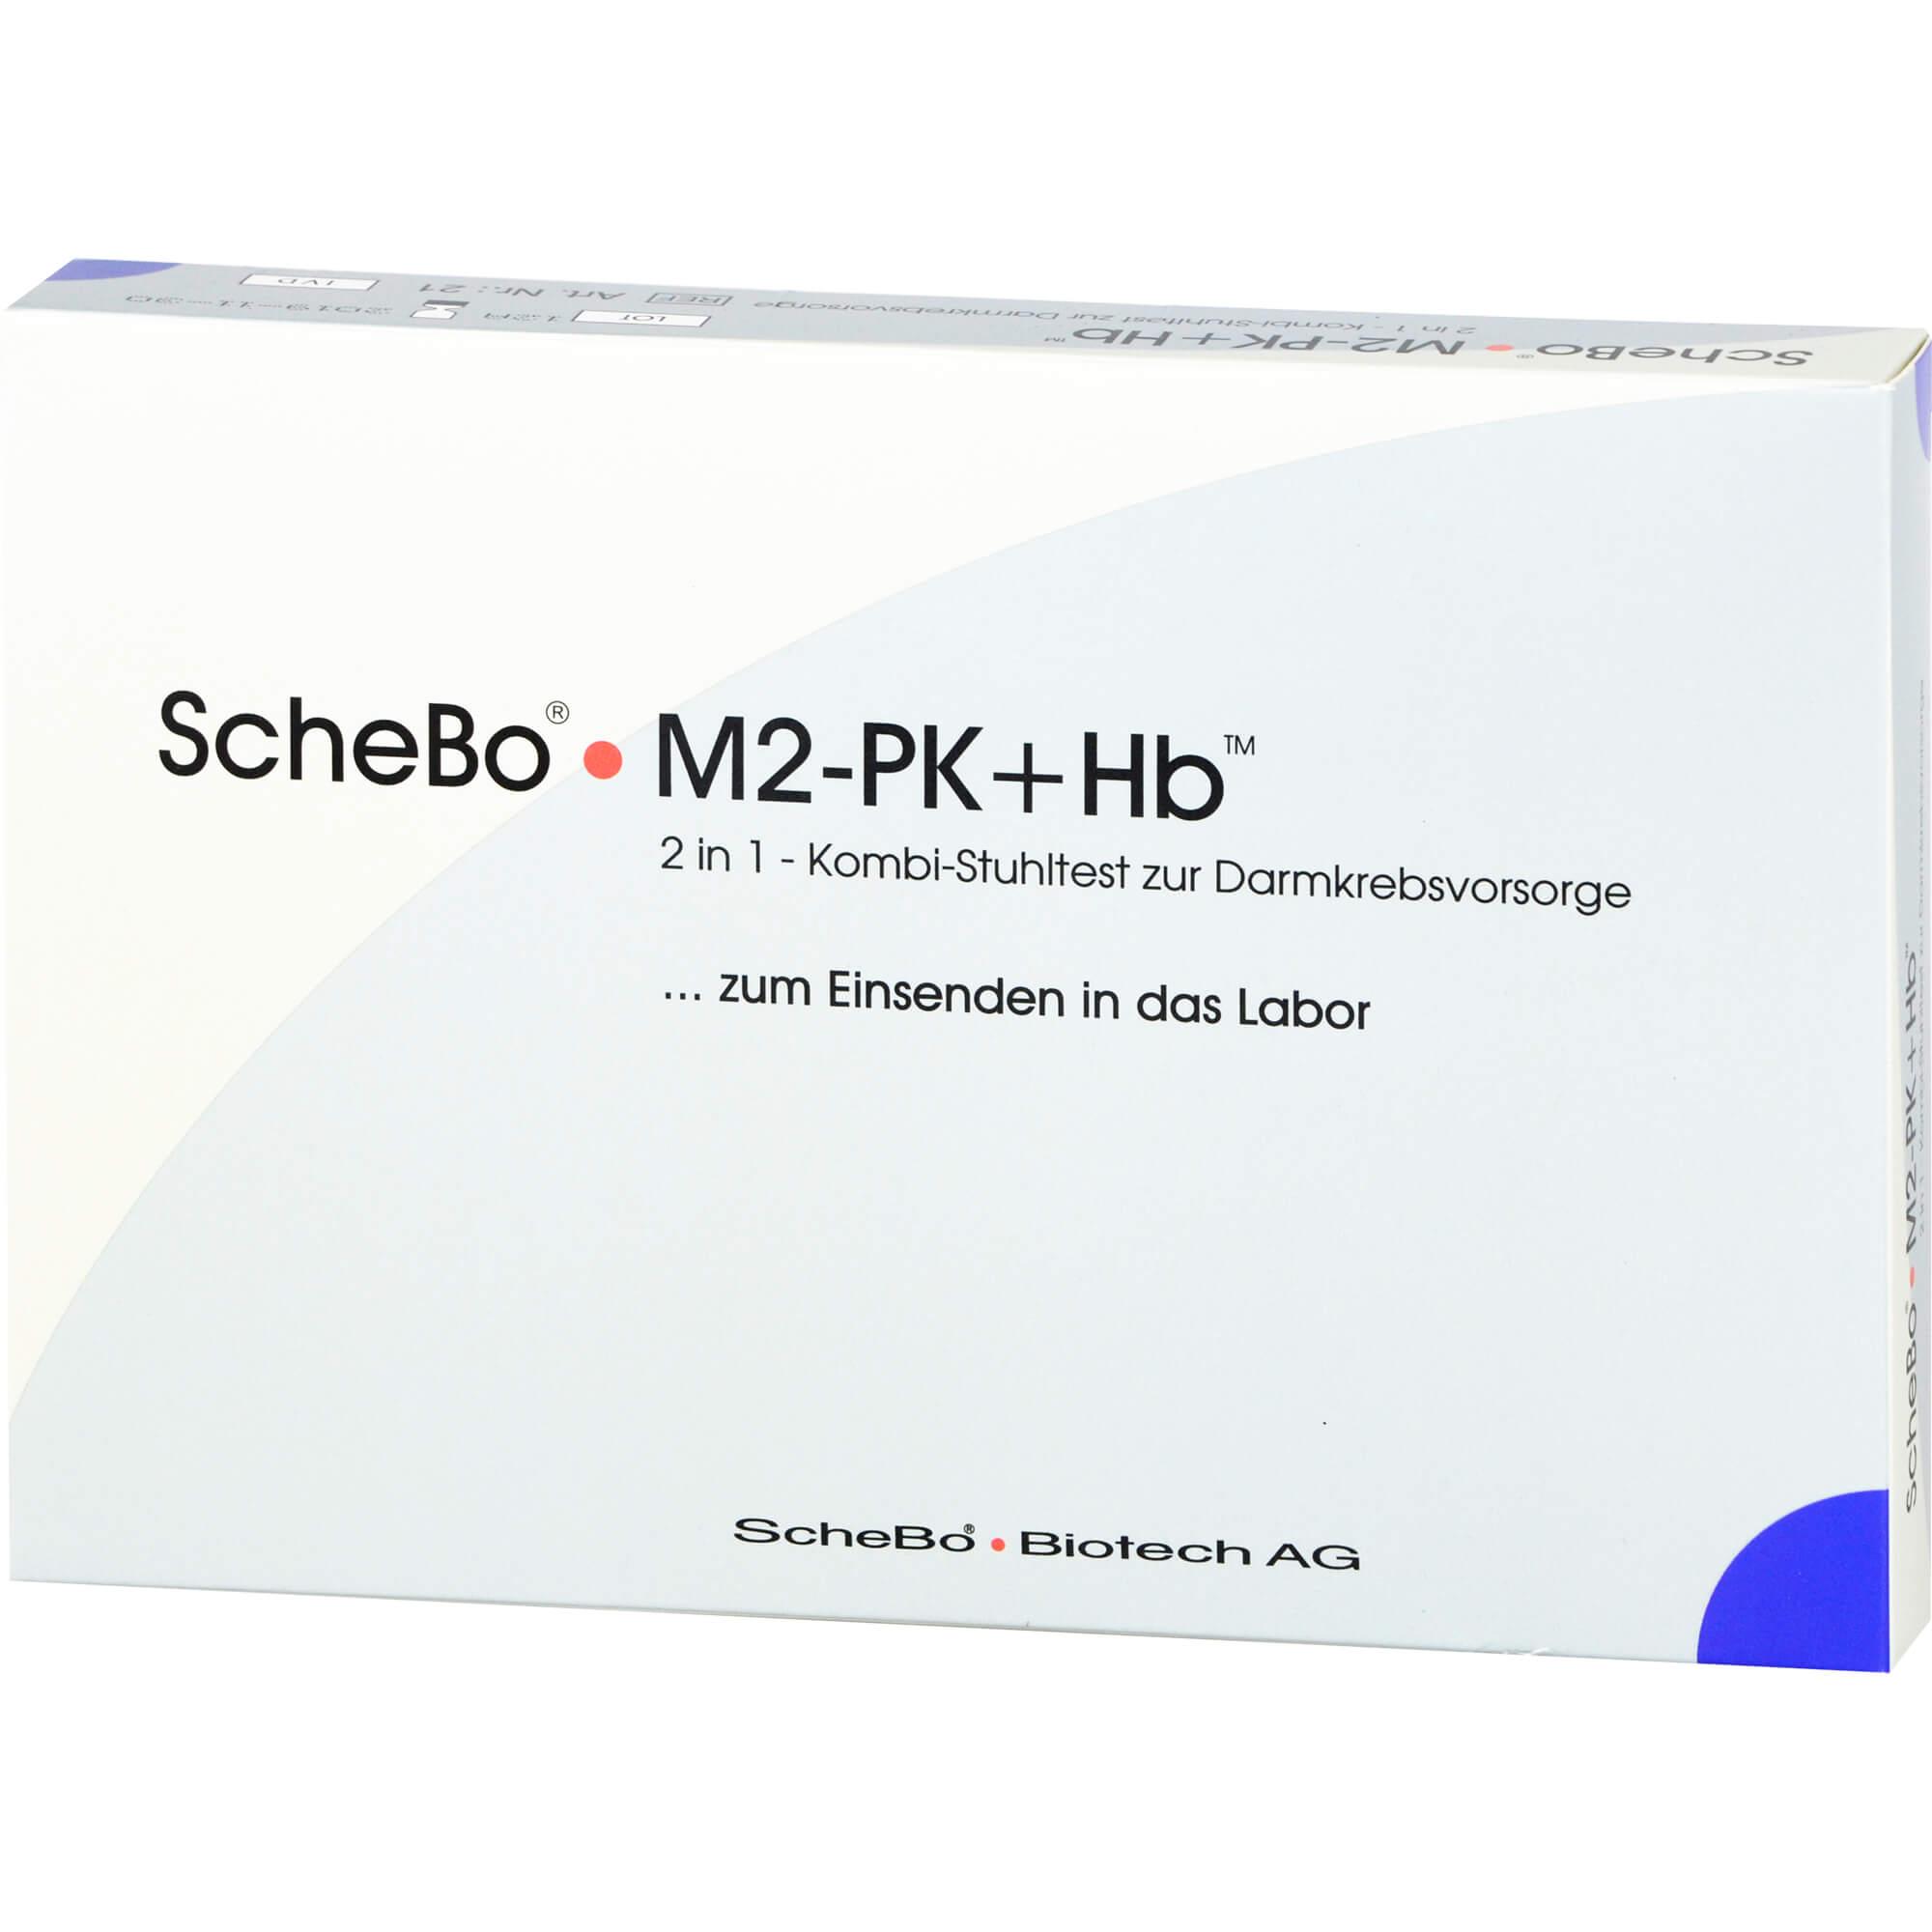 SCHEBO M2-PK+Hb 2 in1 Kombi-Darmkrebsvorsorge Test